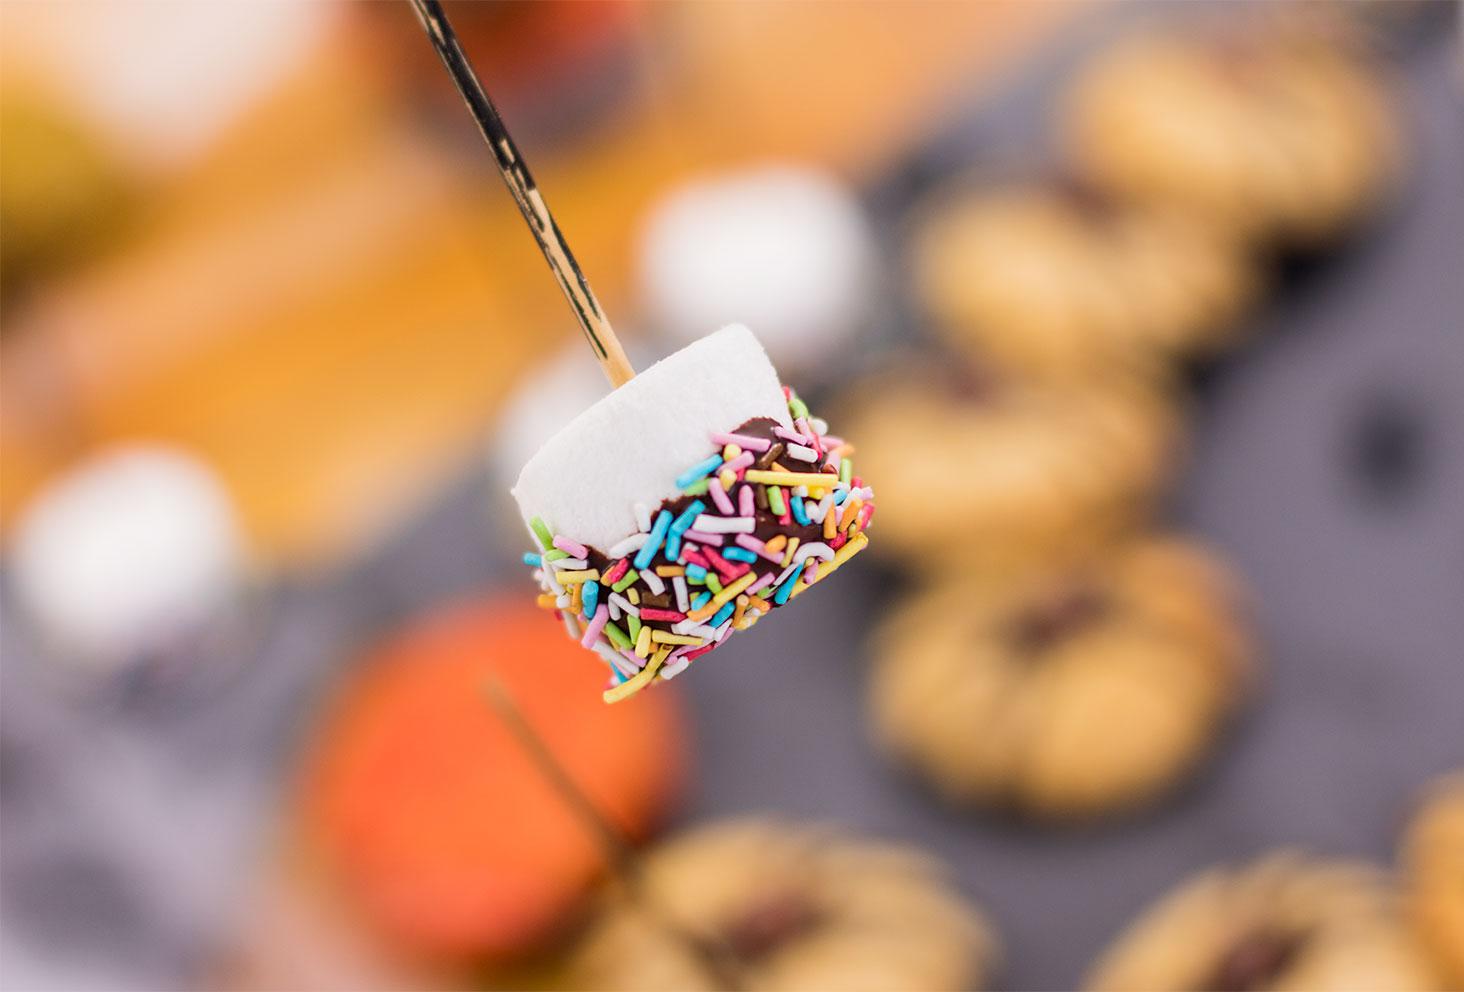 Zoom sur un chamallow enrobé de chocolat en forme de balais de sorcière pour le goûter d'Halloween